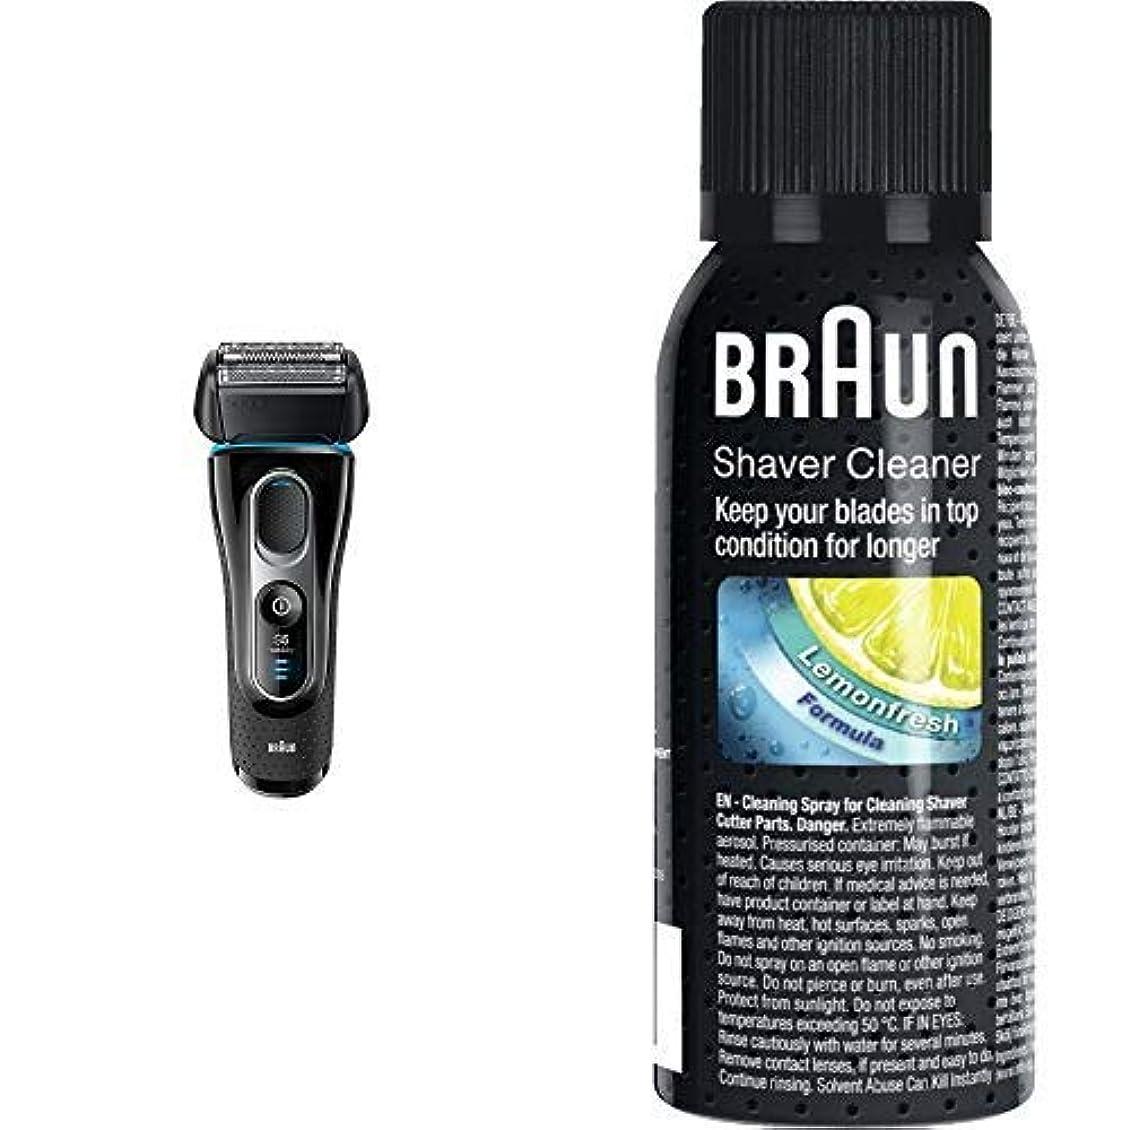 強い長さシミュレートするブラウン シリーズ5 メンズ電気シェーバー 5147s 4カットシステム 水洗い/お風呂剃り可 & シェーバークリーナー SC8000 SC8000